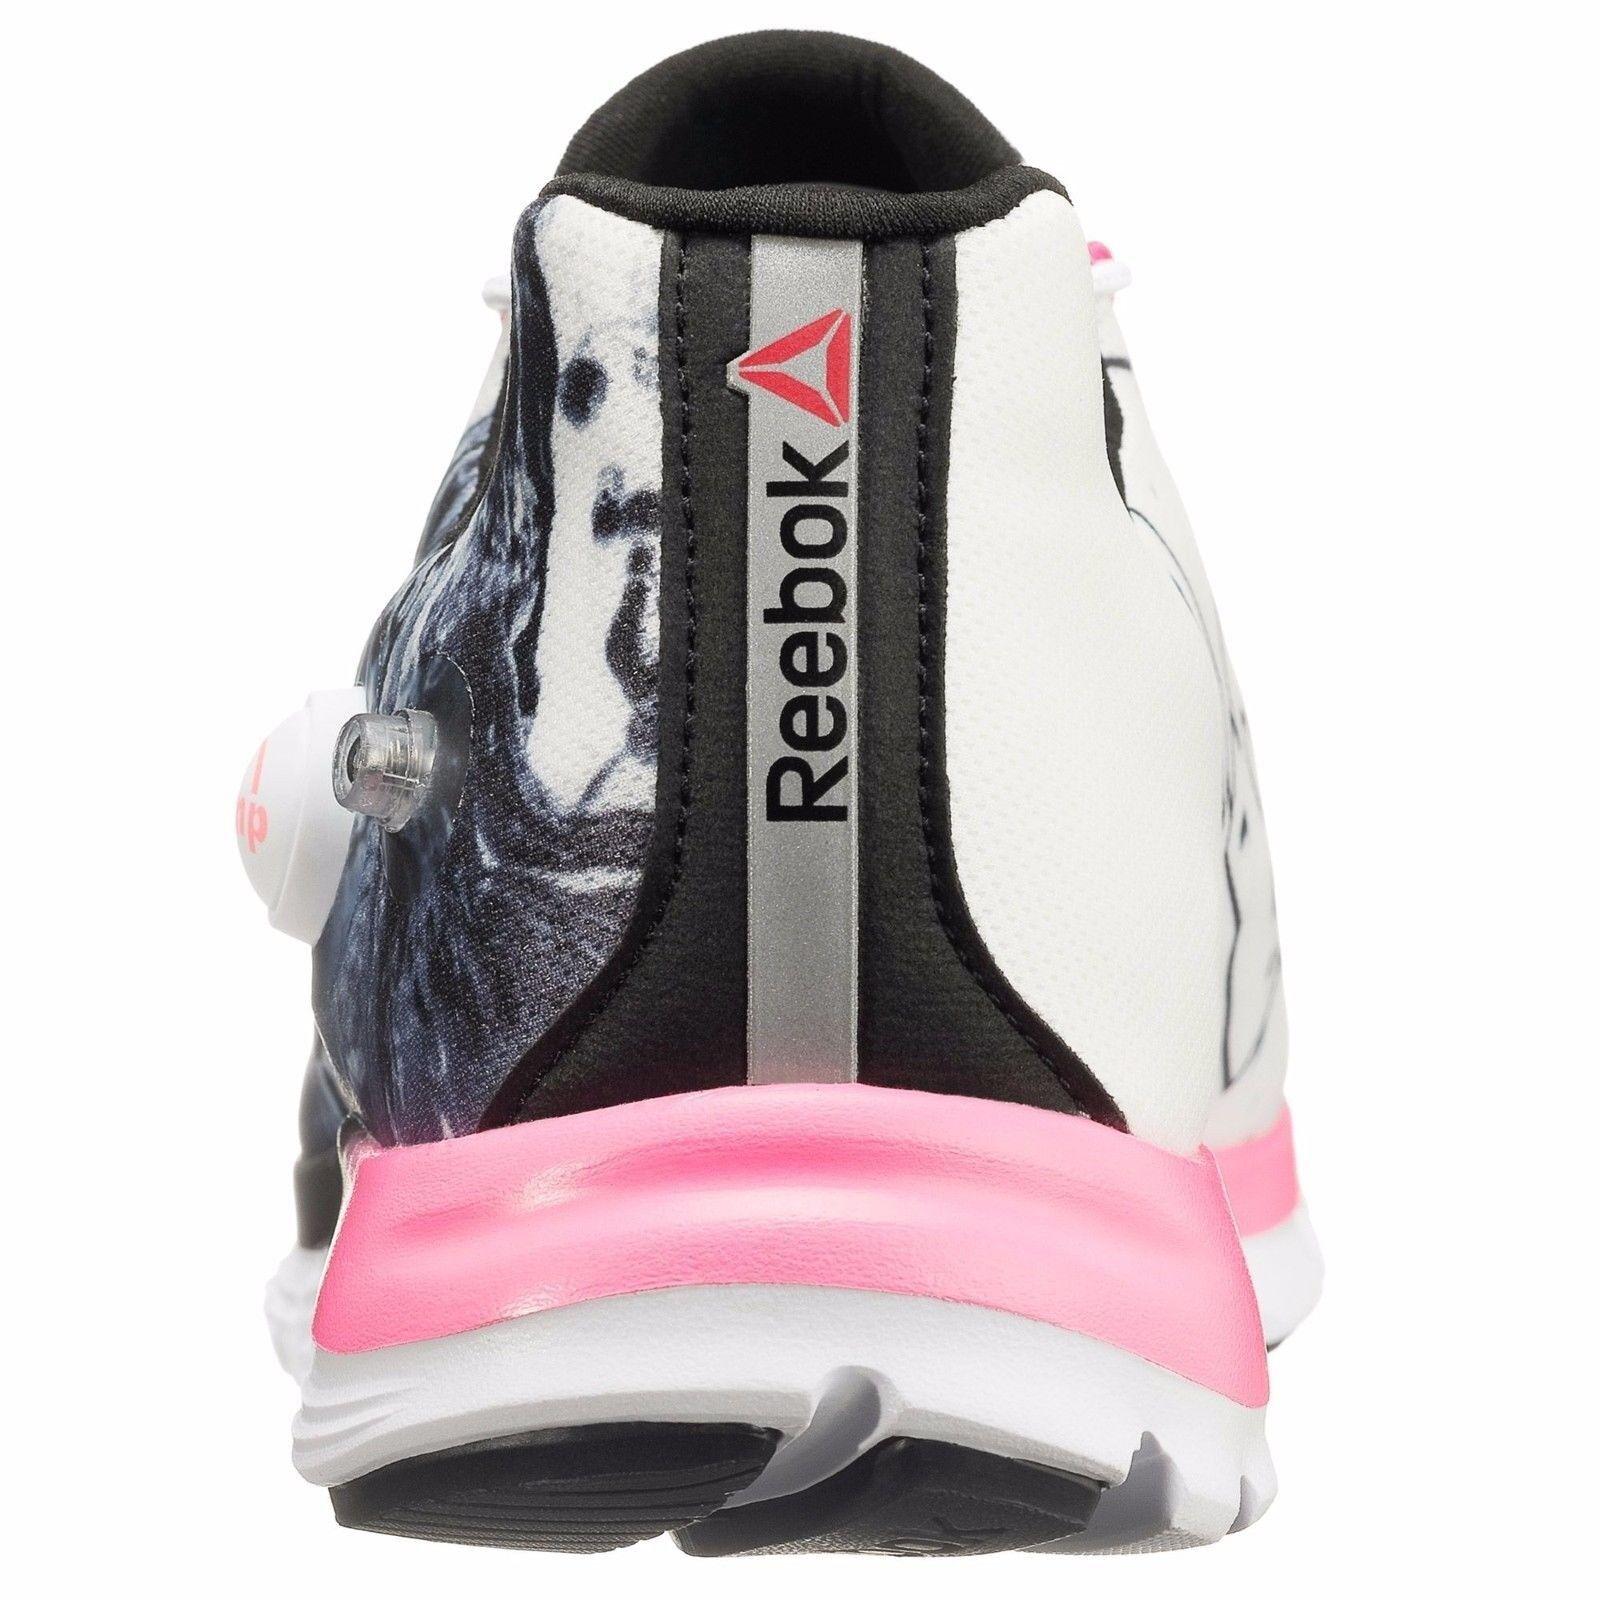 Reebok Reebok Reebok Z Pompe Fusion Splash Femme Chaussure De Course Baskets Gym envoi gratuit   Des Technologies Sophistiquées    Une Performance Fiable    Qualité Supérieure  32189b